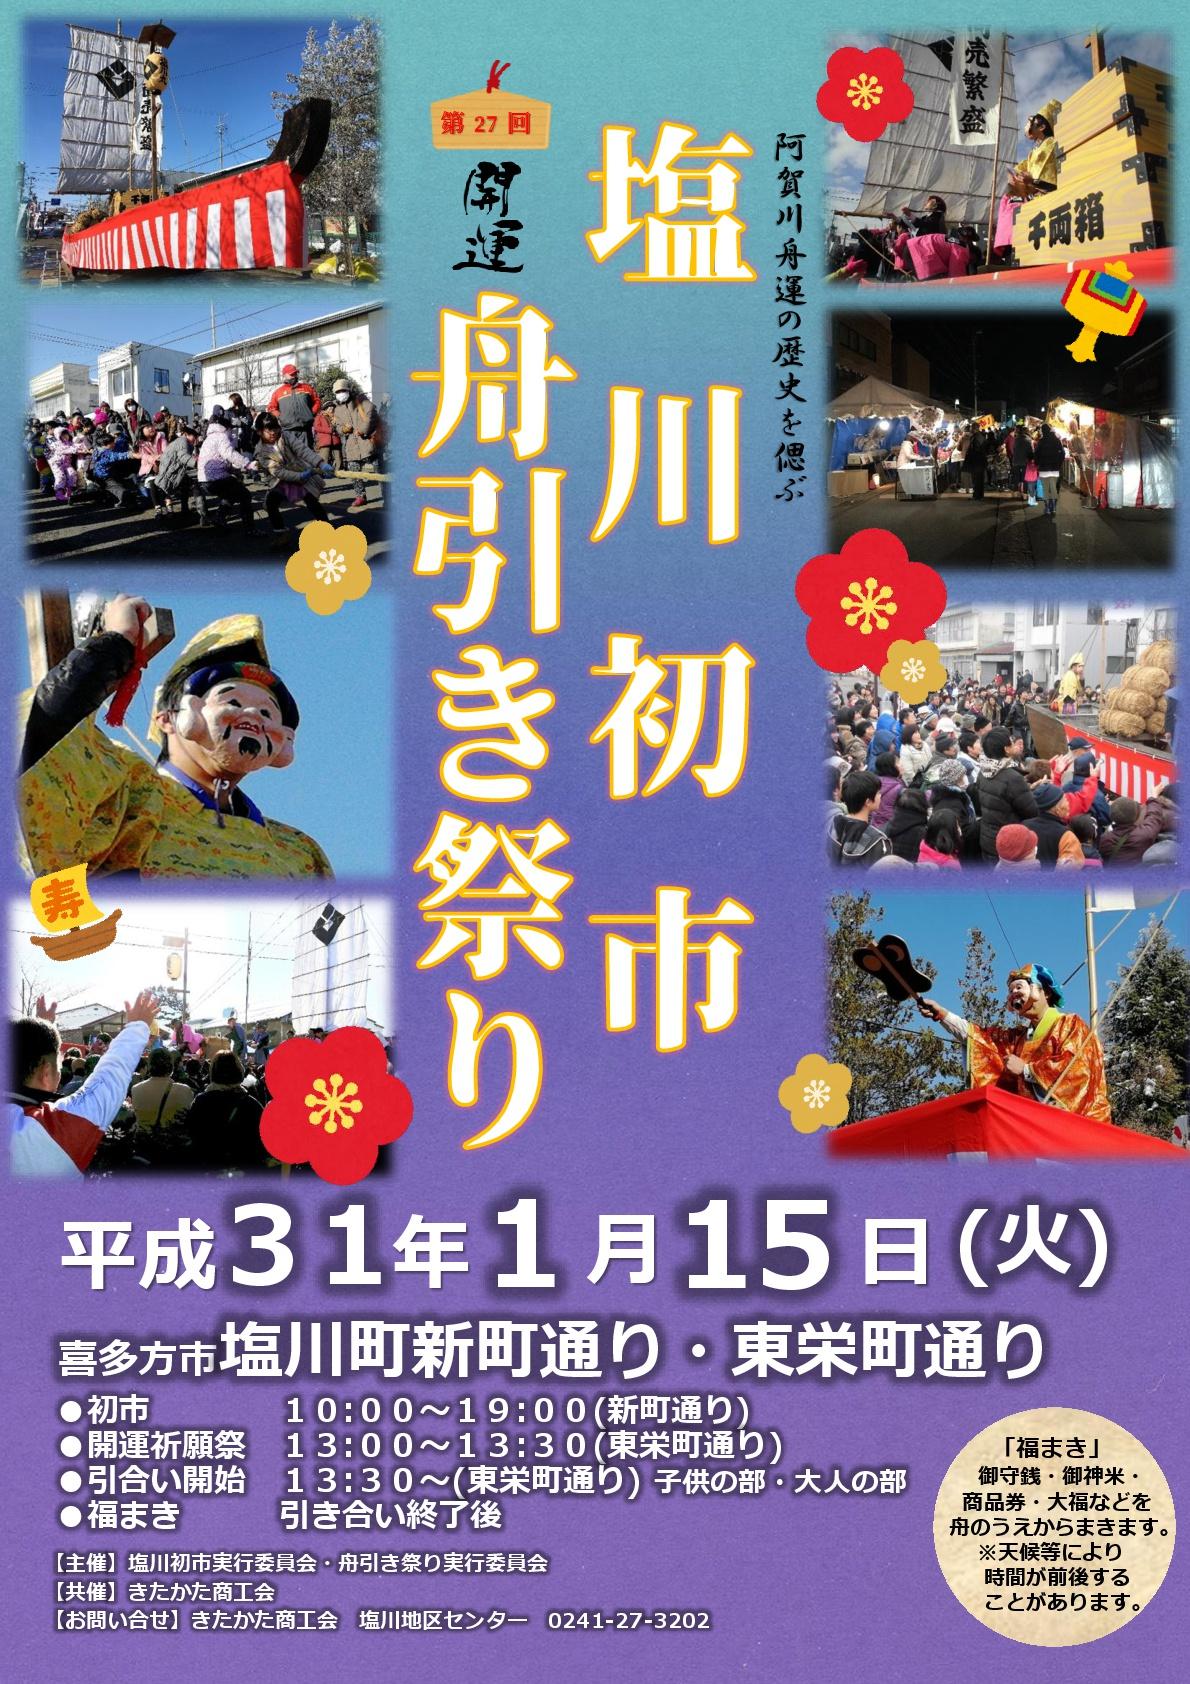 H31初市・舟引きポスター  (2)-001